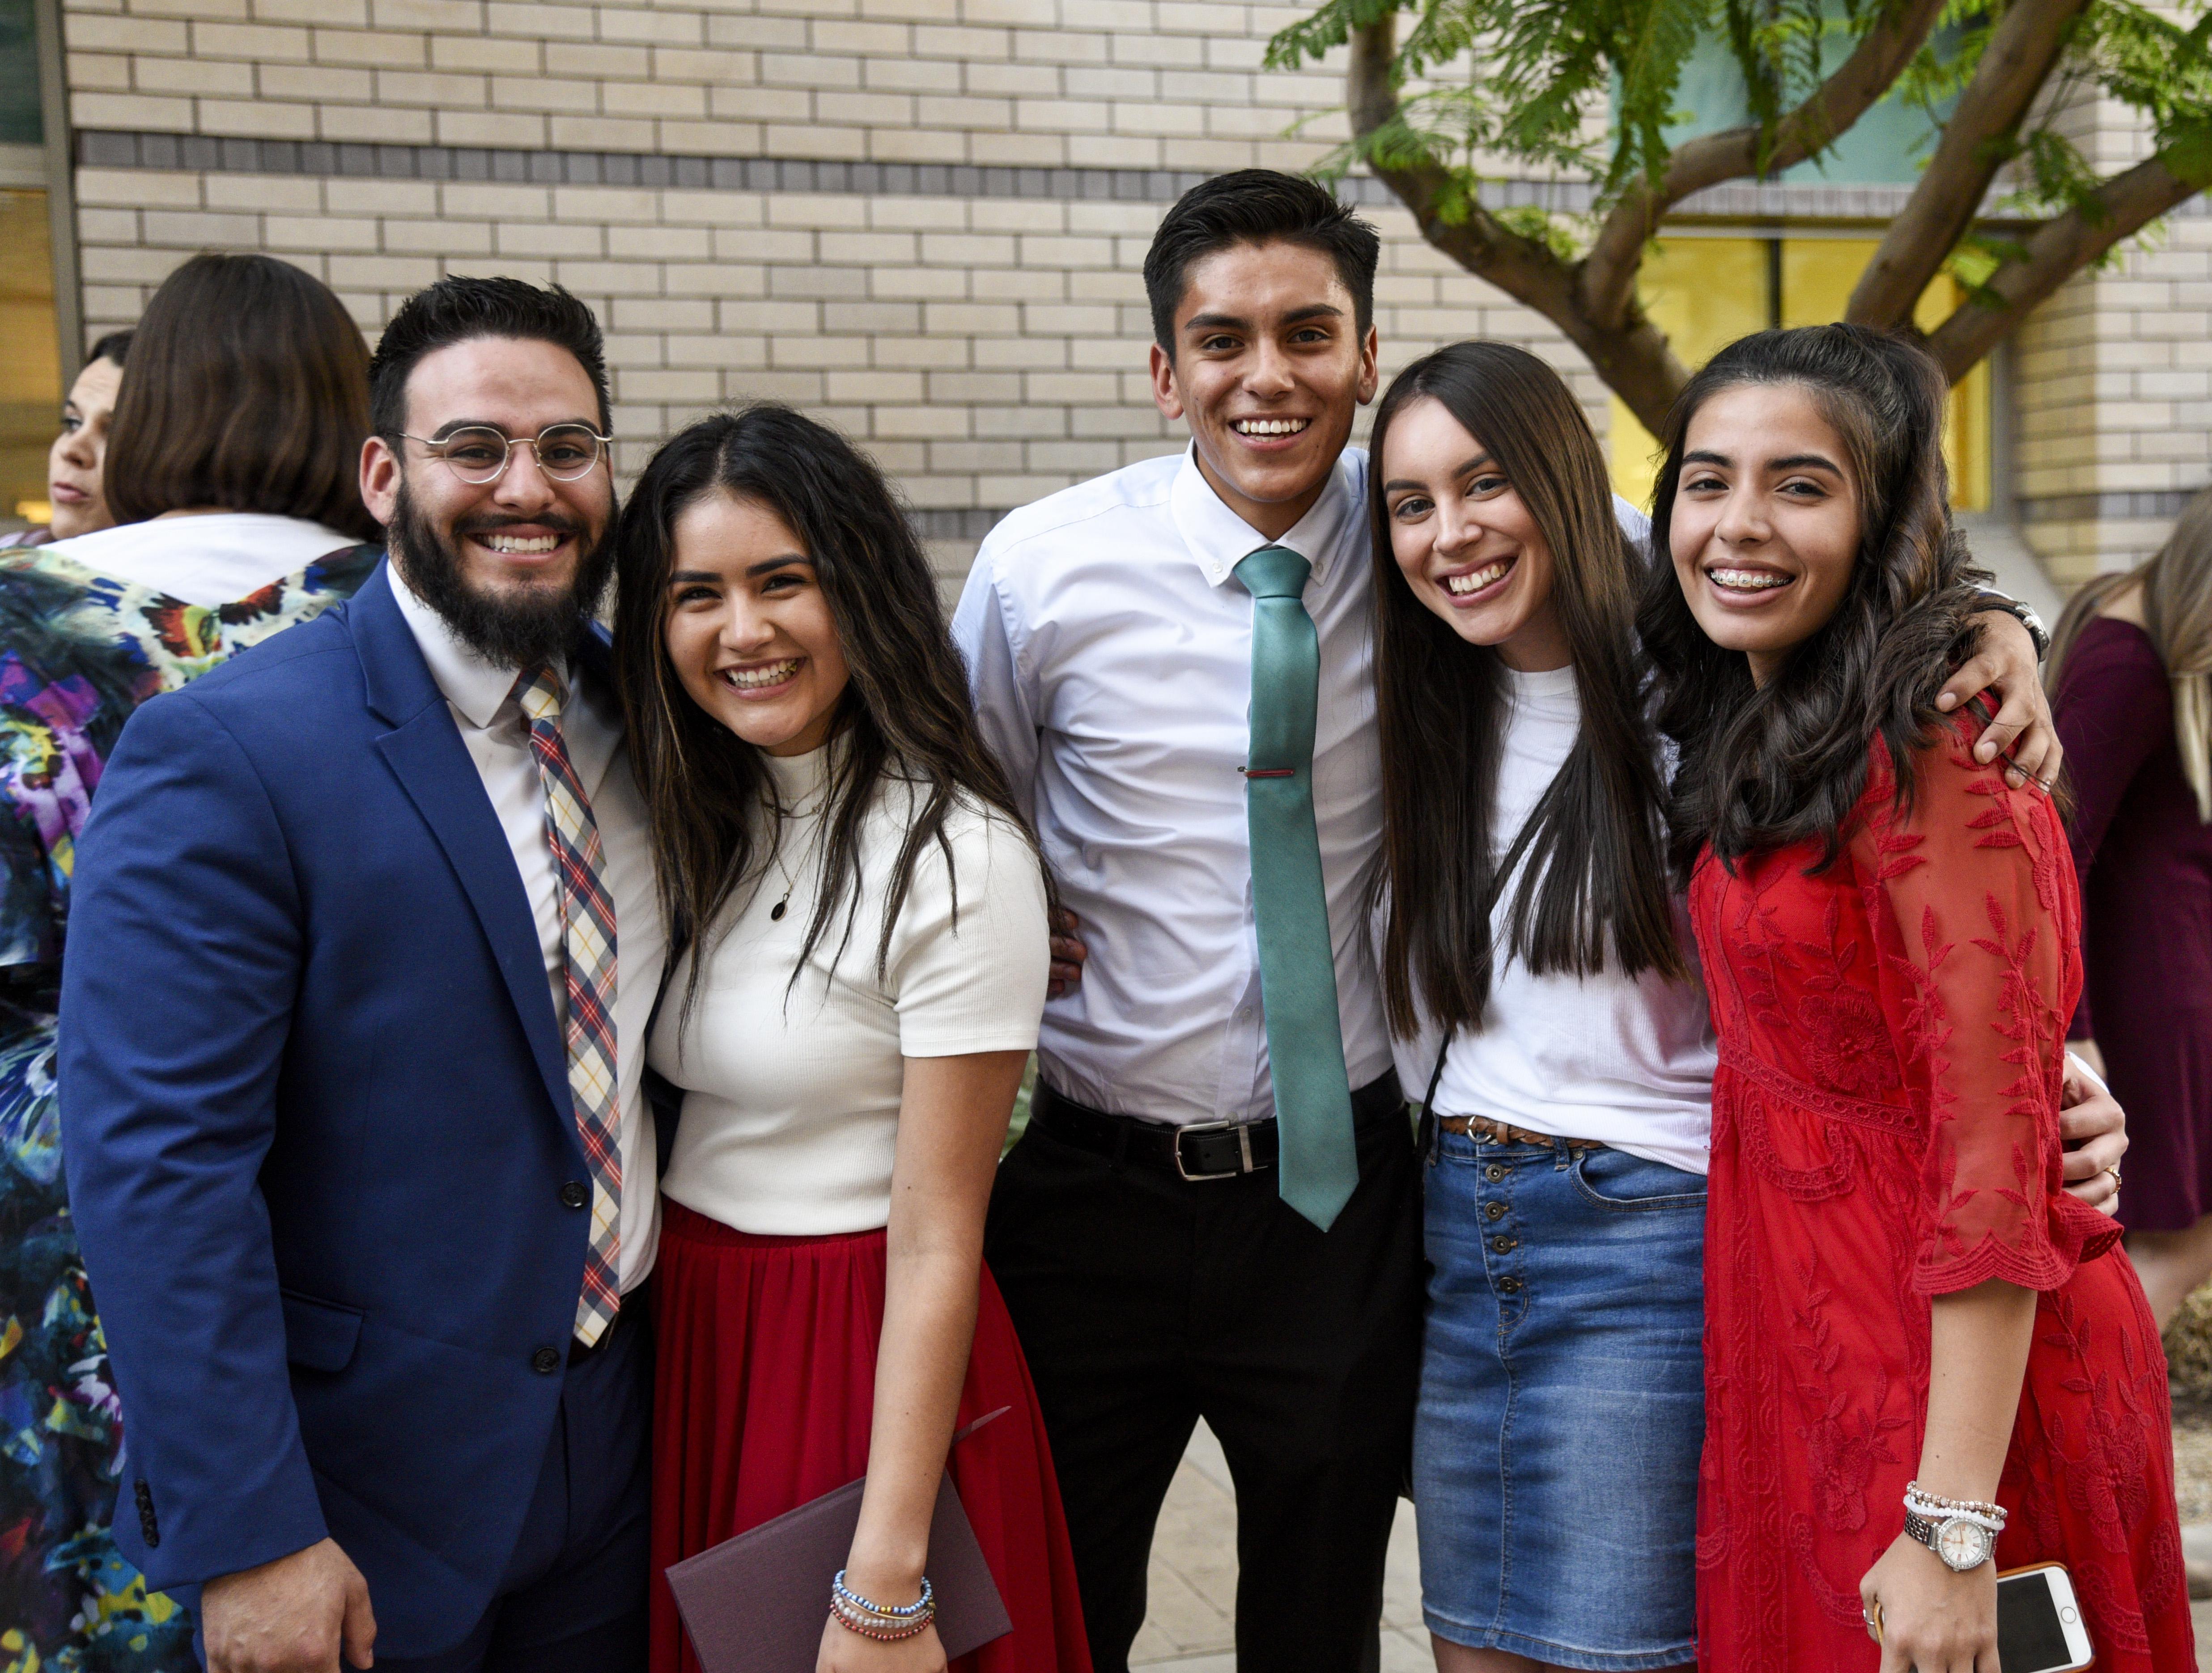 Jovens adultos participam de devocional com élder Ronald A. Rasband no Instituto de Religião em Tempe Arizona no dia 20 de outubro.